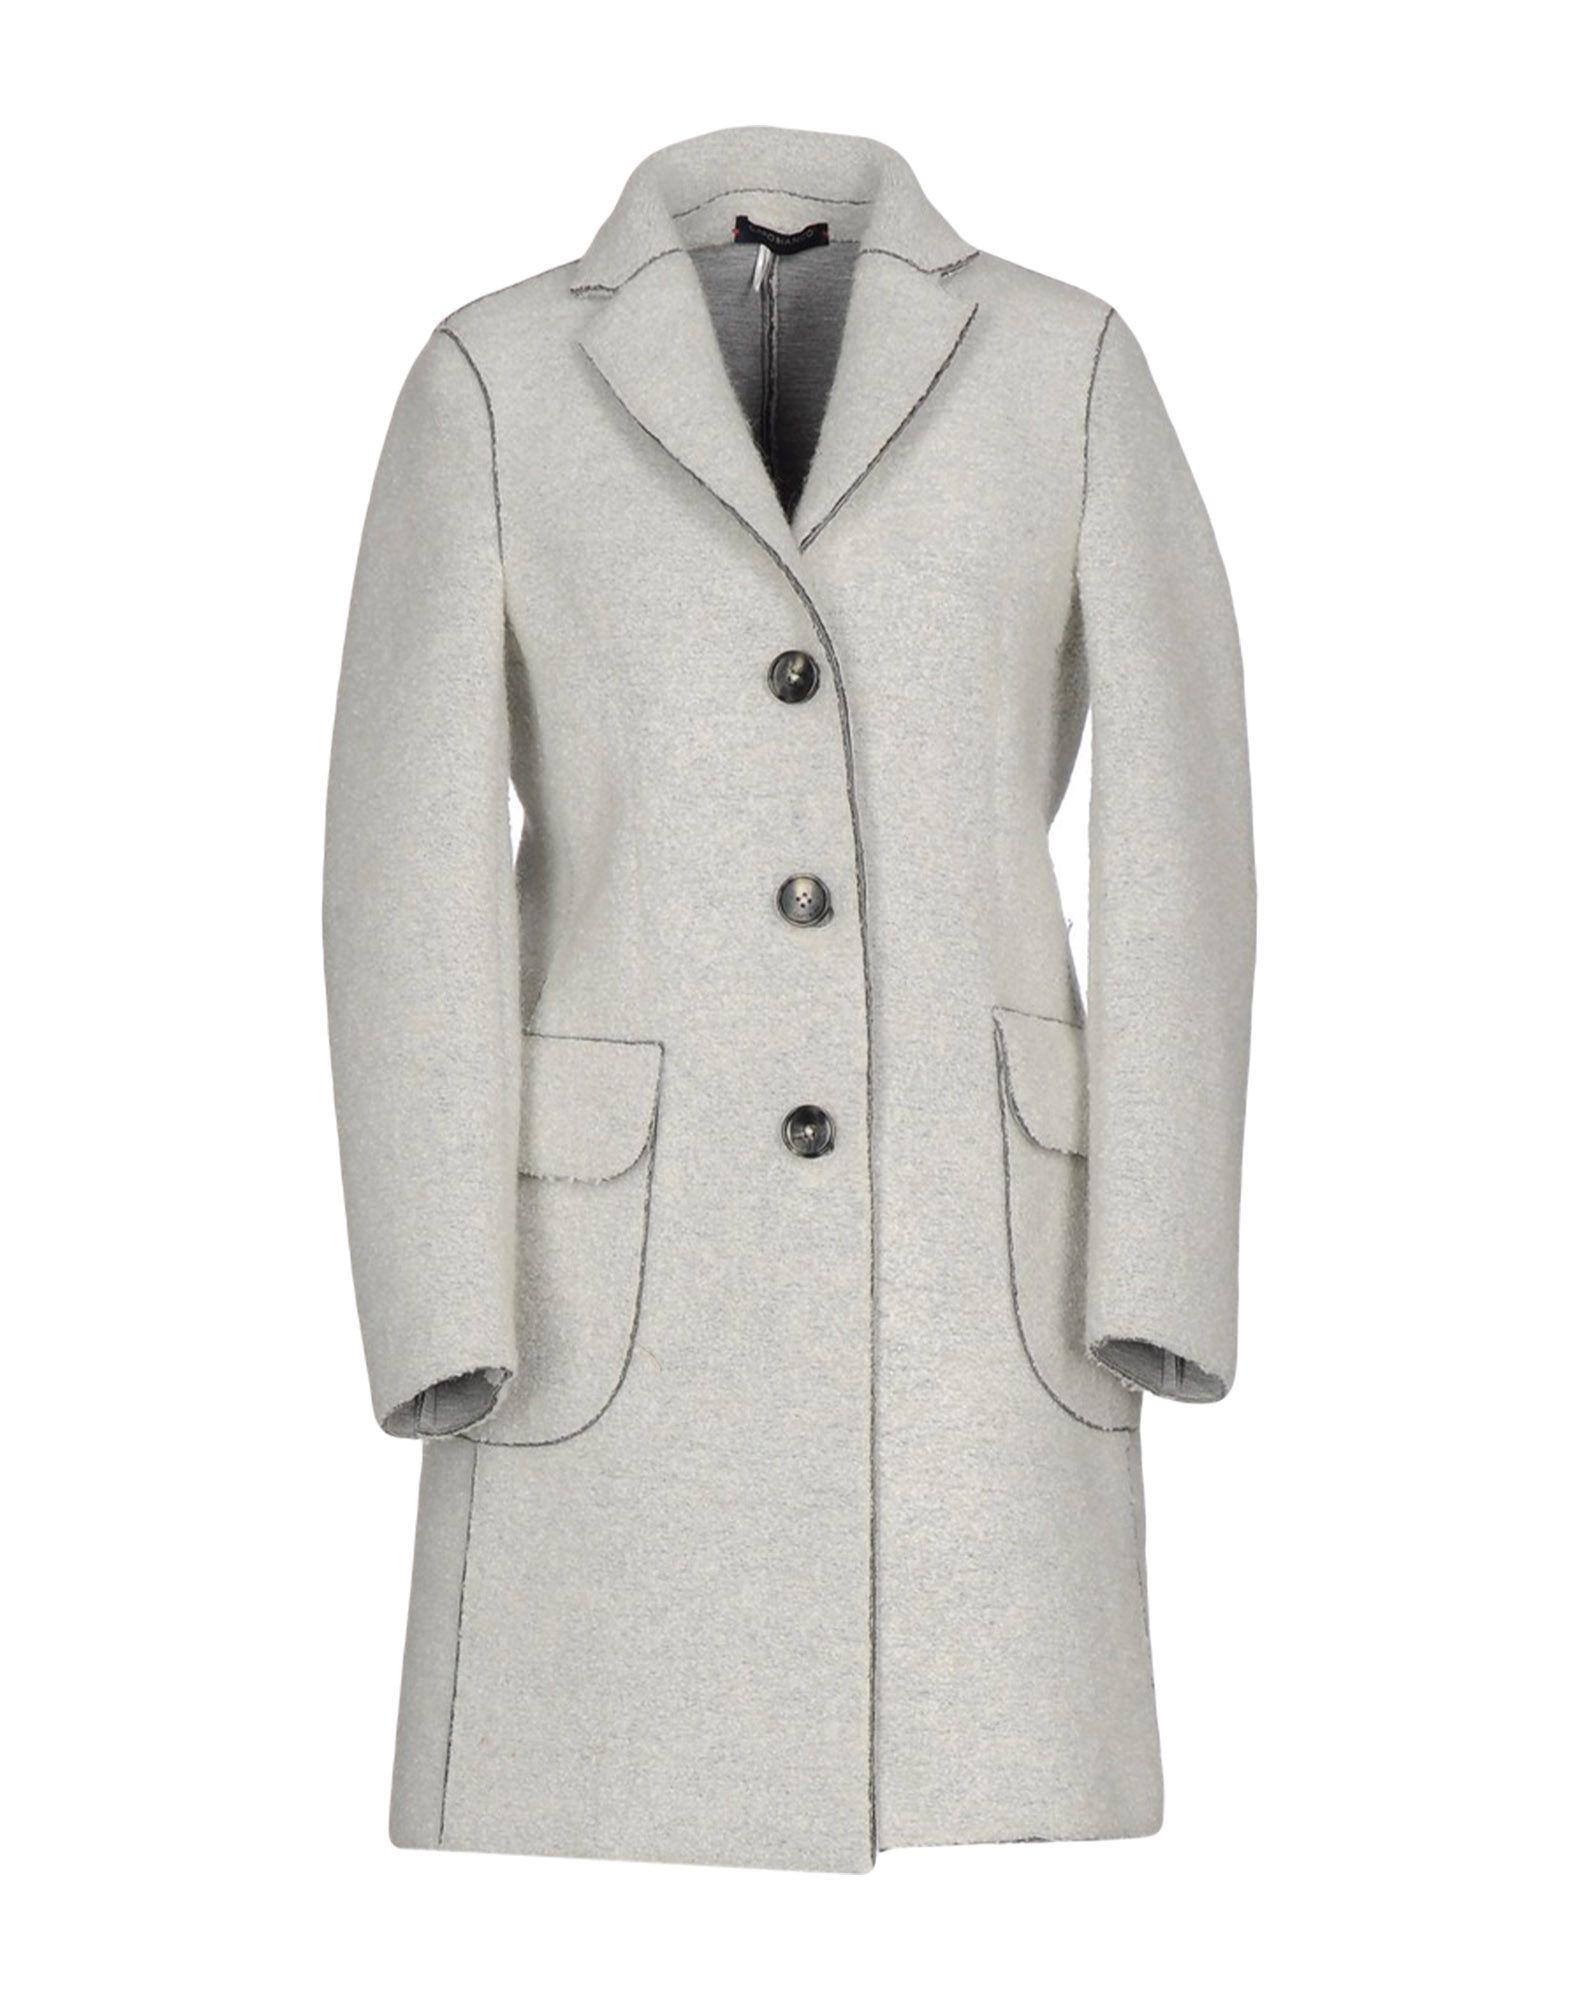 Capobianco Coats In White